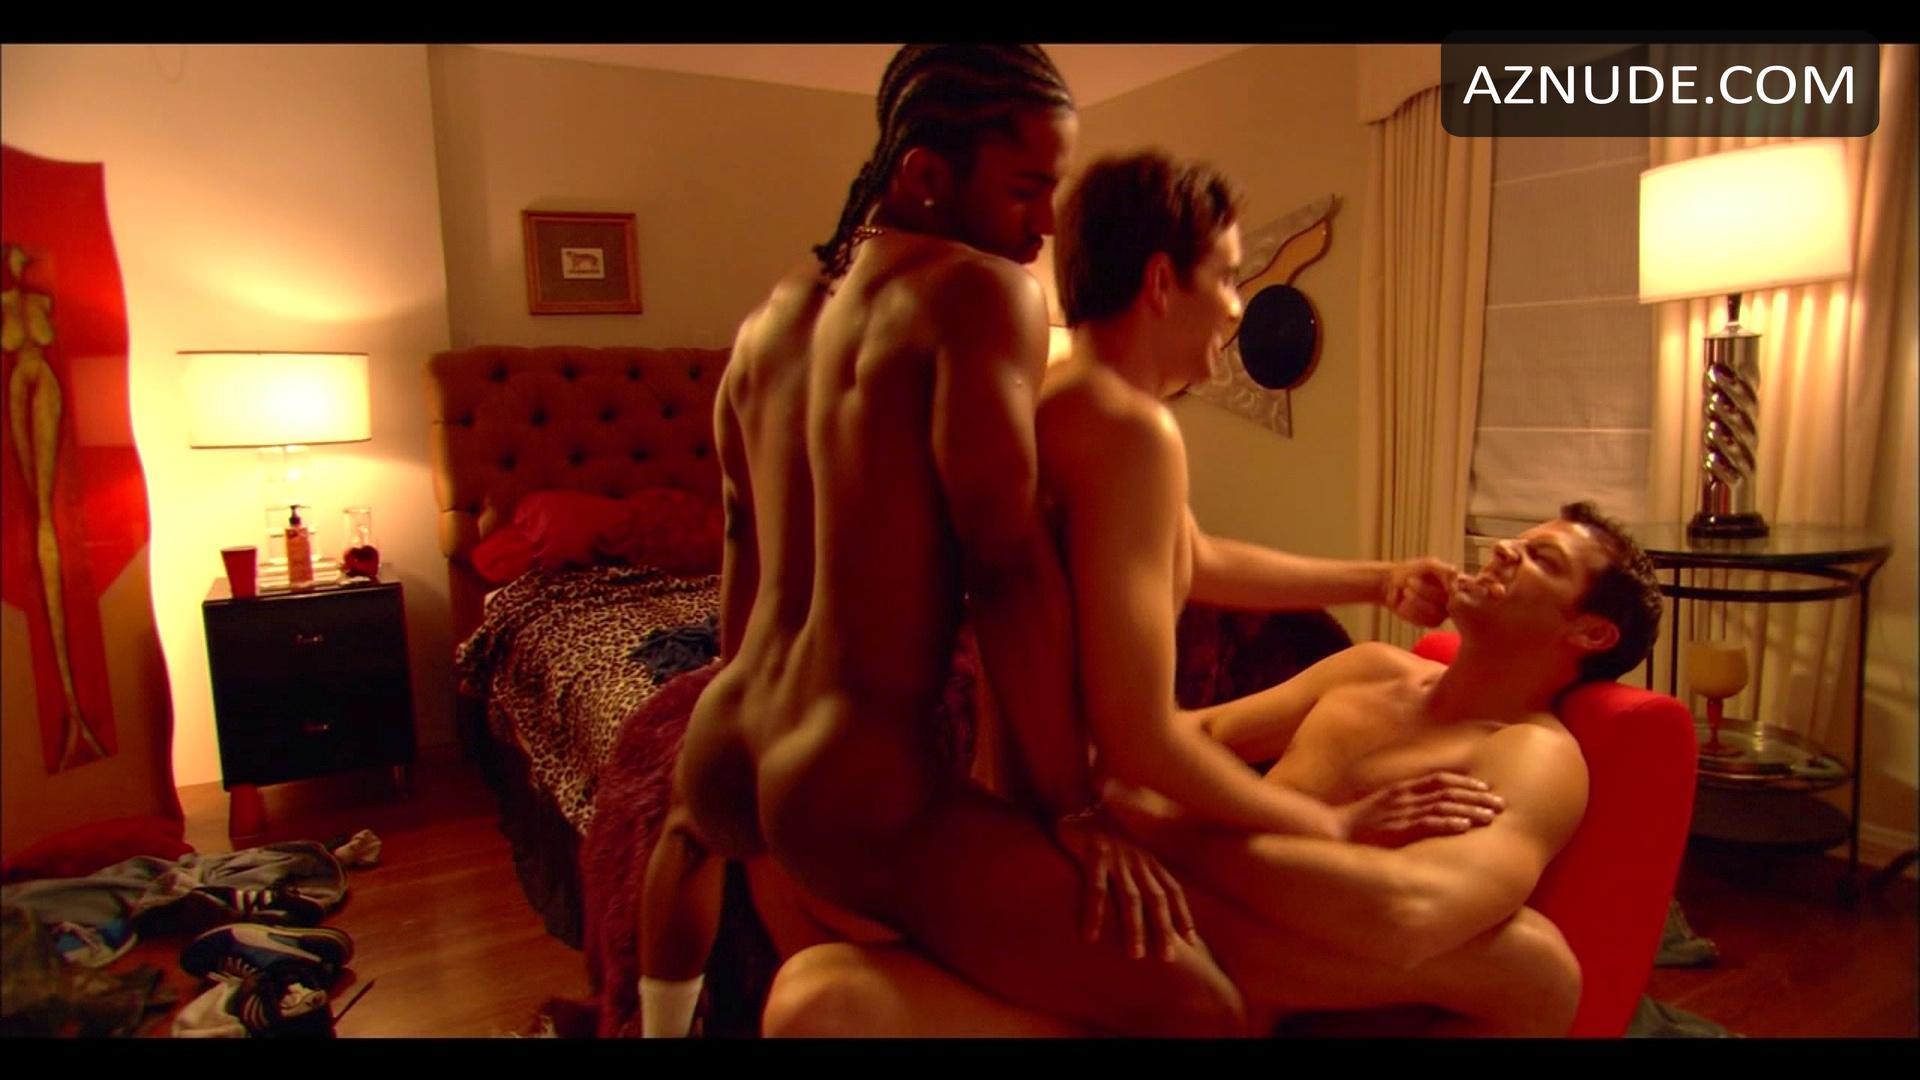 Another Gay Movie Nude Scenes - Aznude Men-7840